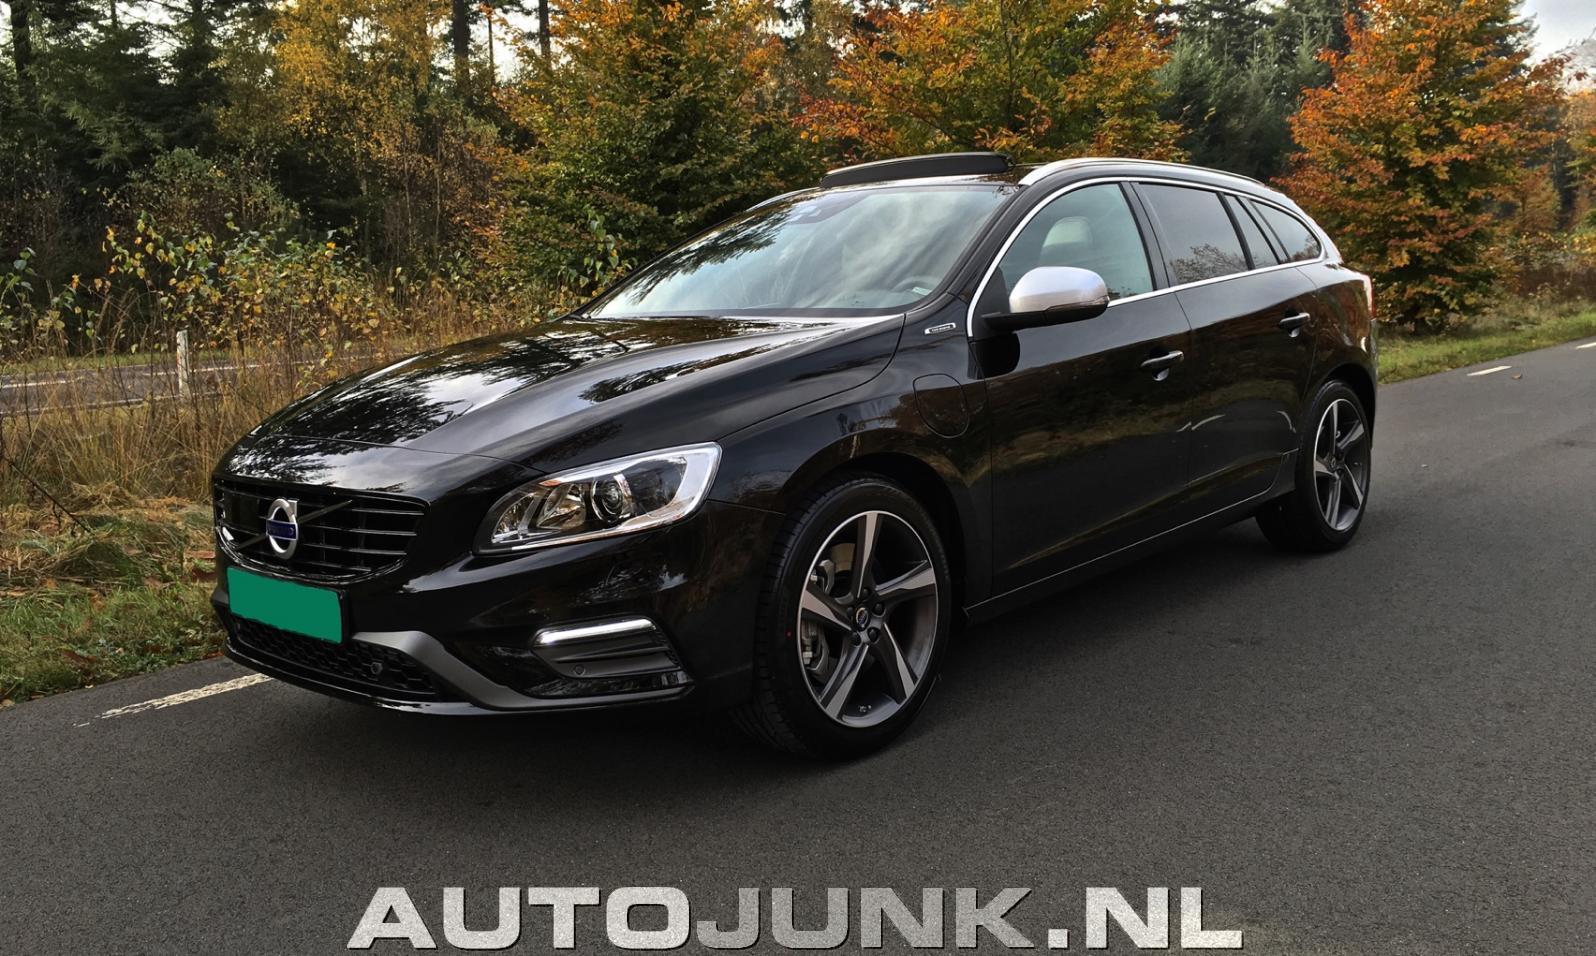 Volvo V60 D6 R Design Foto S 187 Autojunk Nl 159357